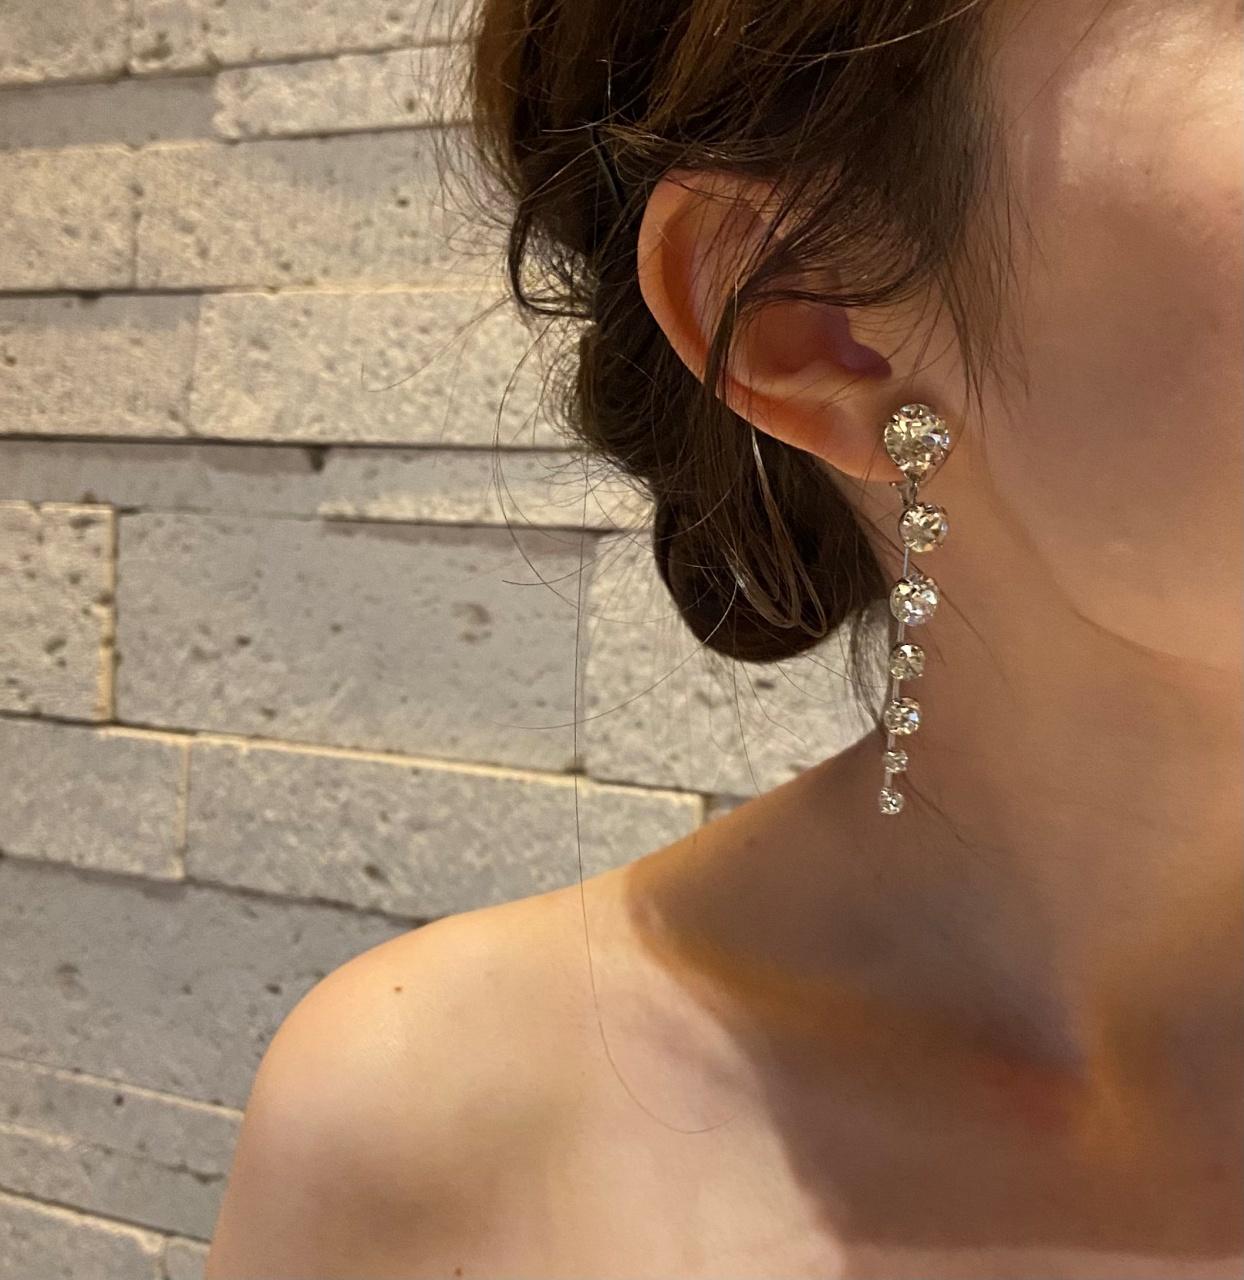 洗練された煌びやかなジェニファー・ベアのイヤリングは顔周りを華やかに仕上げます